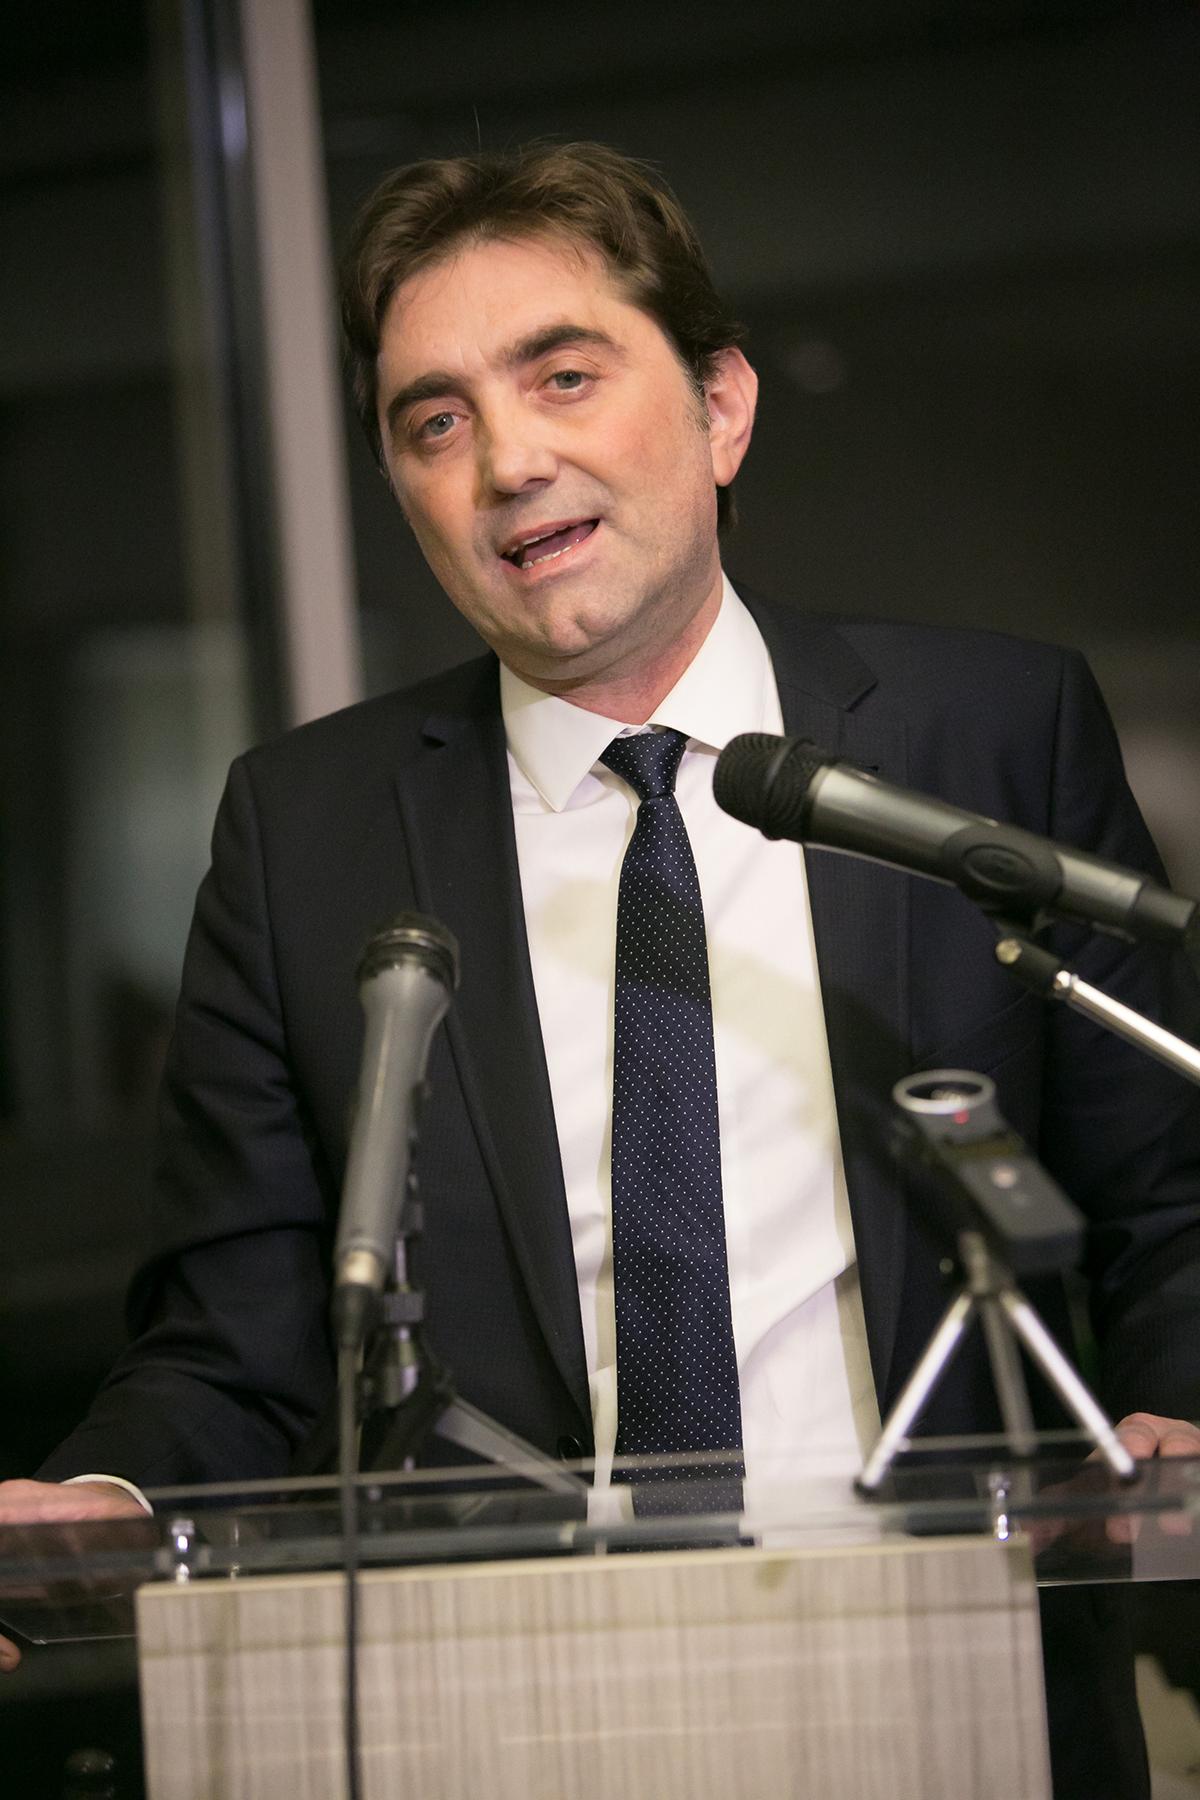 κ. Καρπέτας Αντιπεριφερειάρχης Δυτ. Ελλάδας